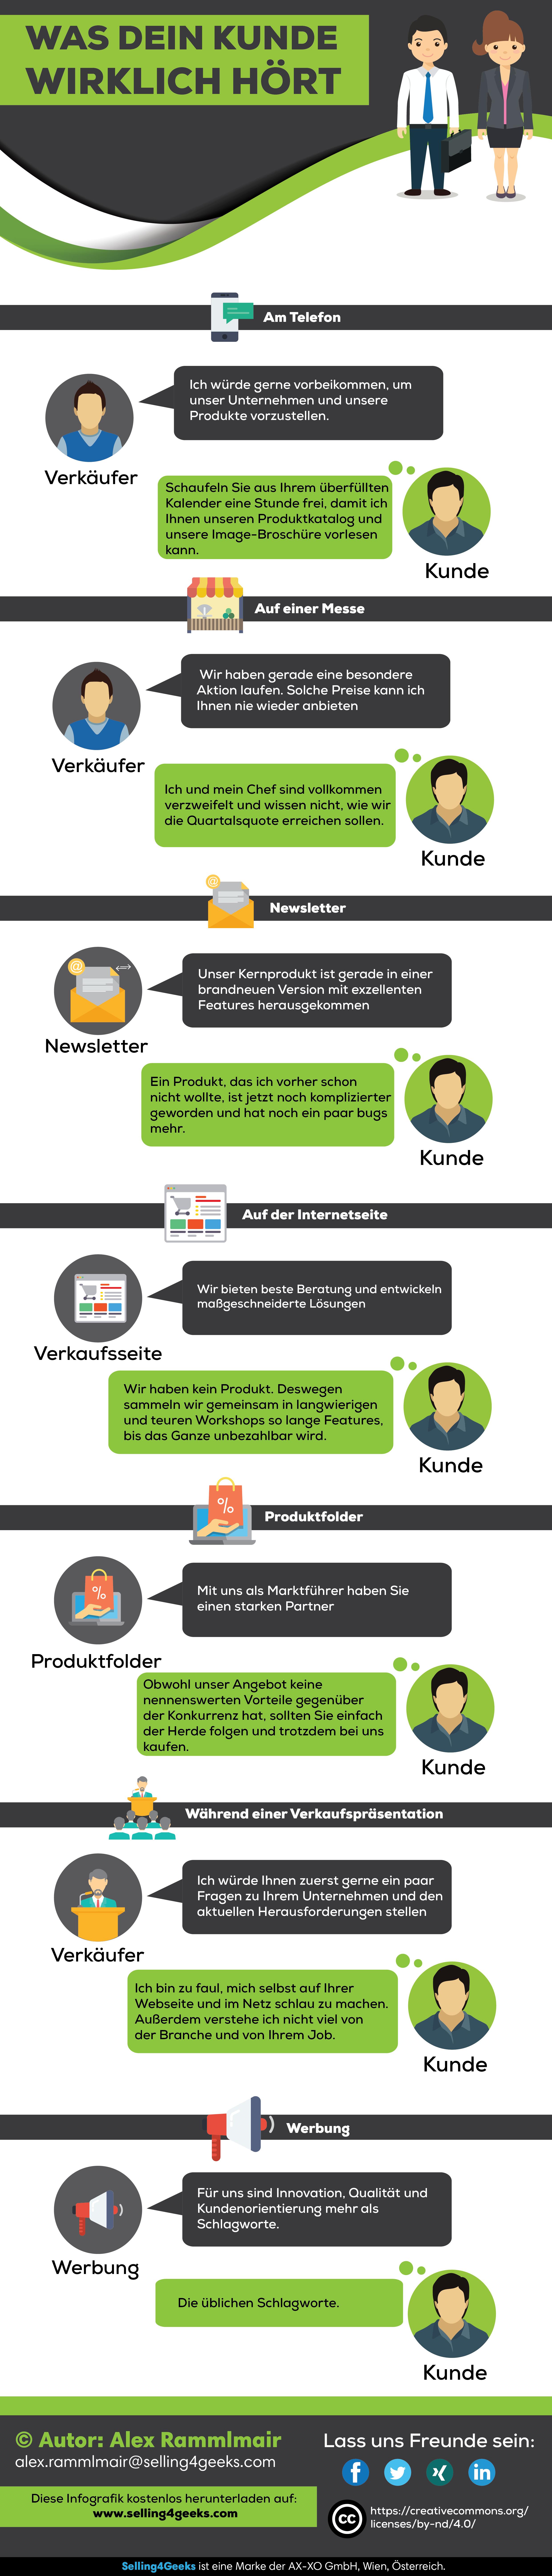 Infografik: Was Dein Kunde beim IT-Verkauf wirklich hört